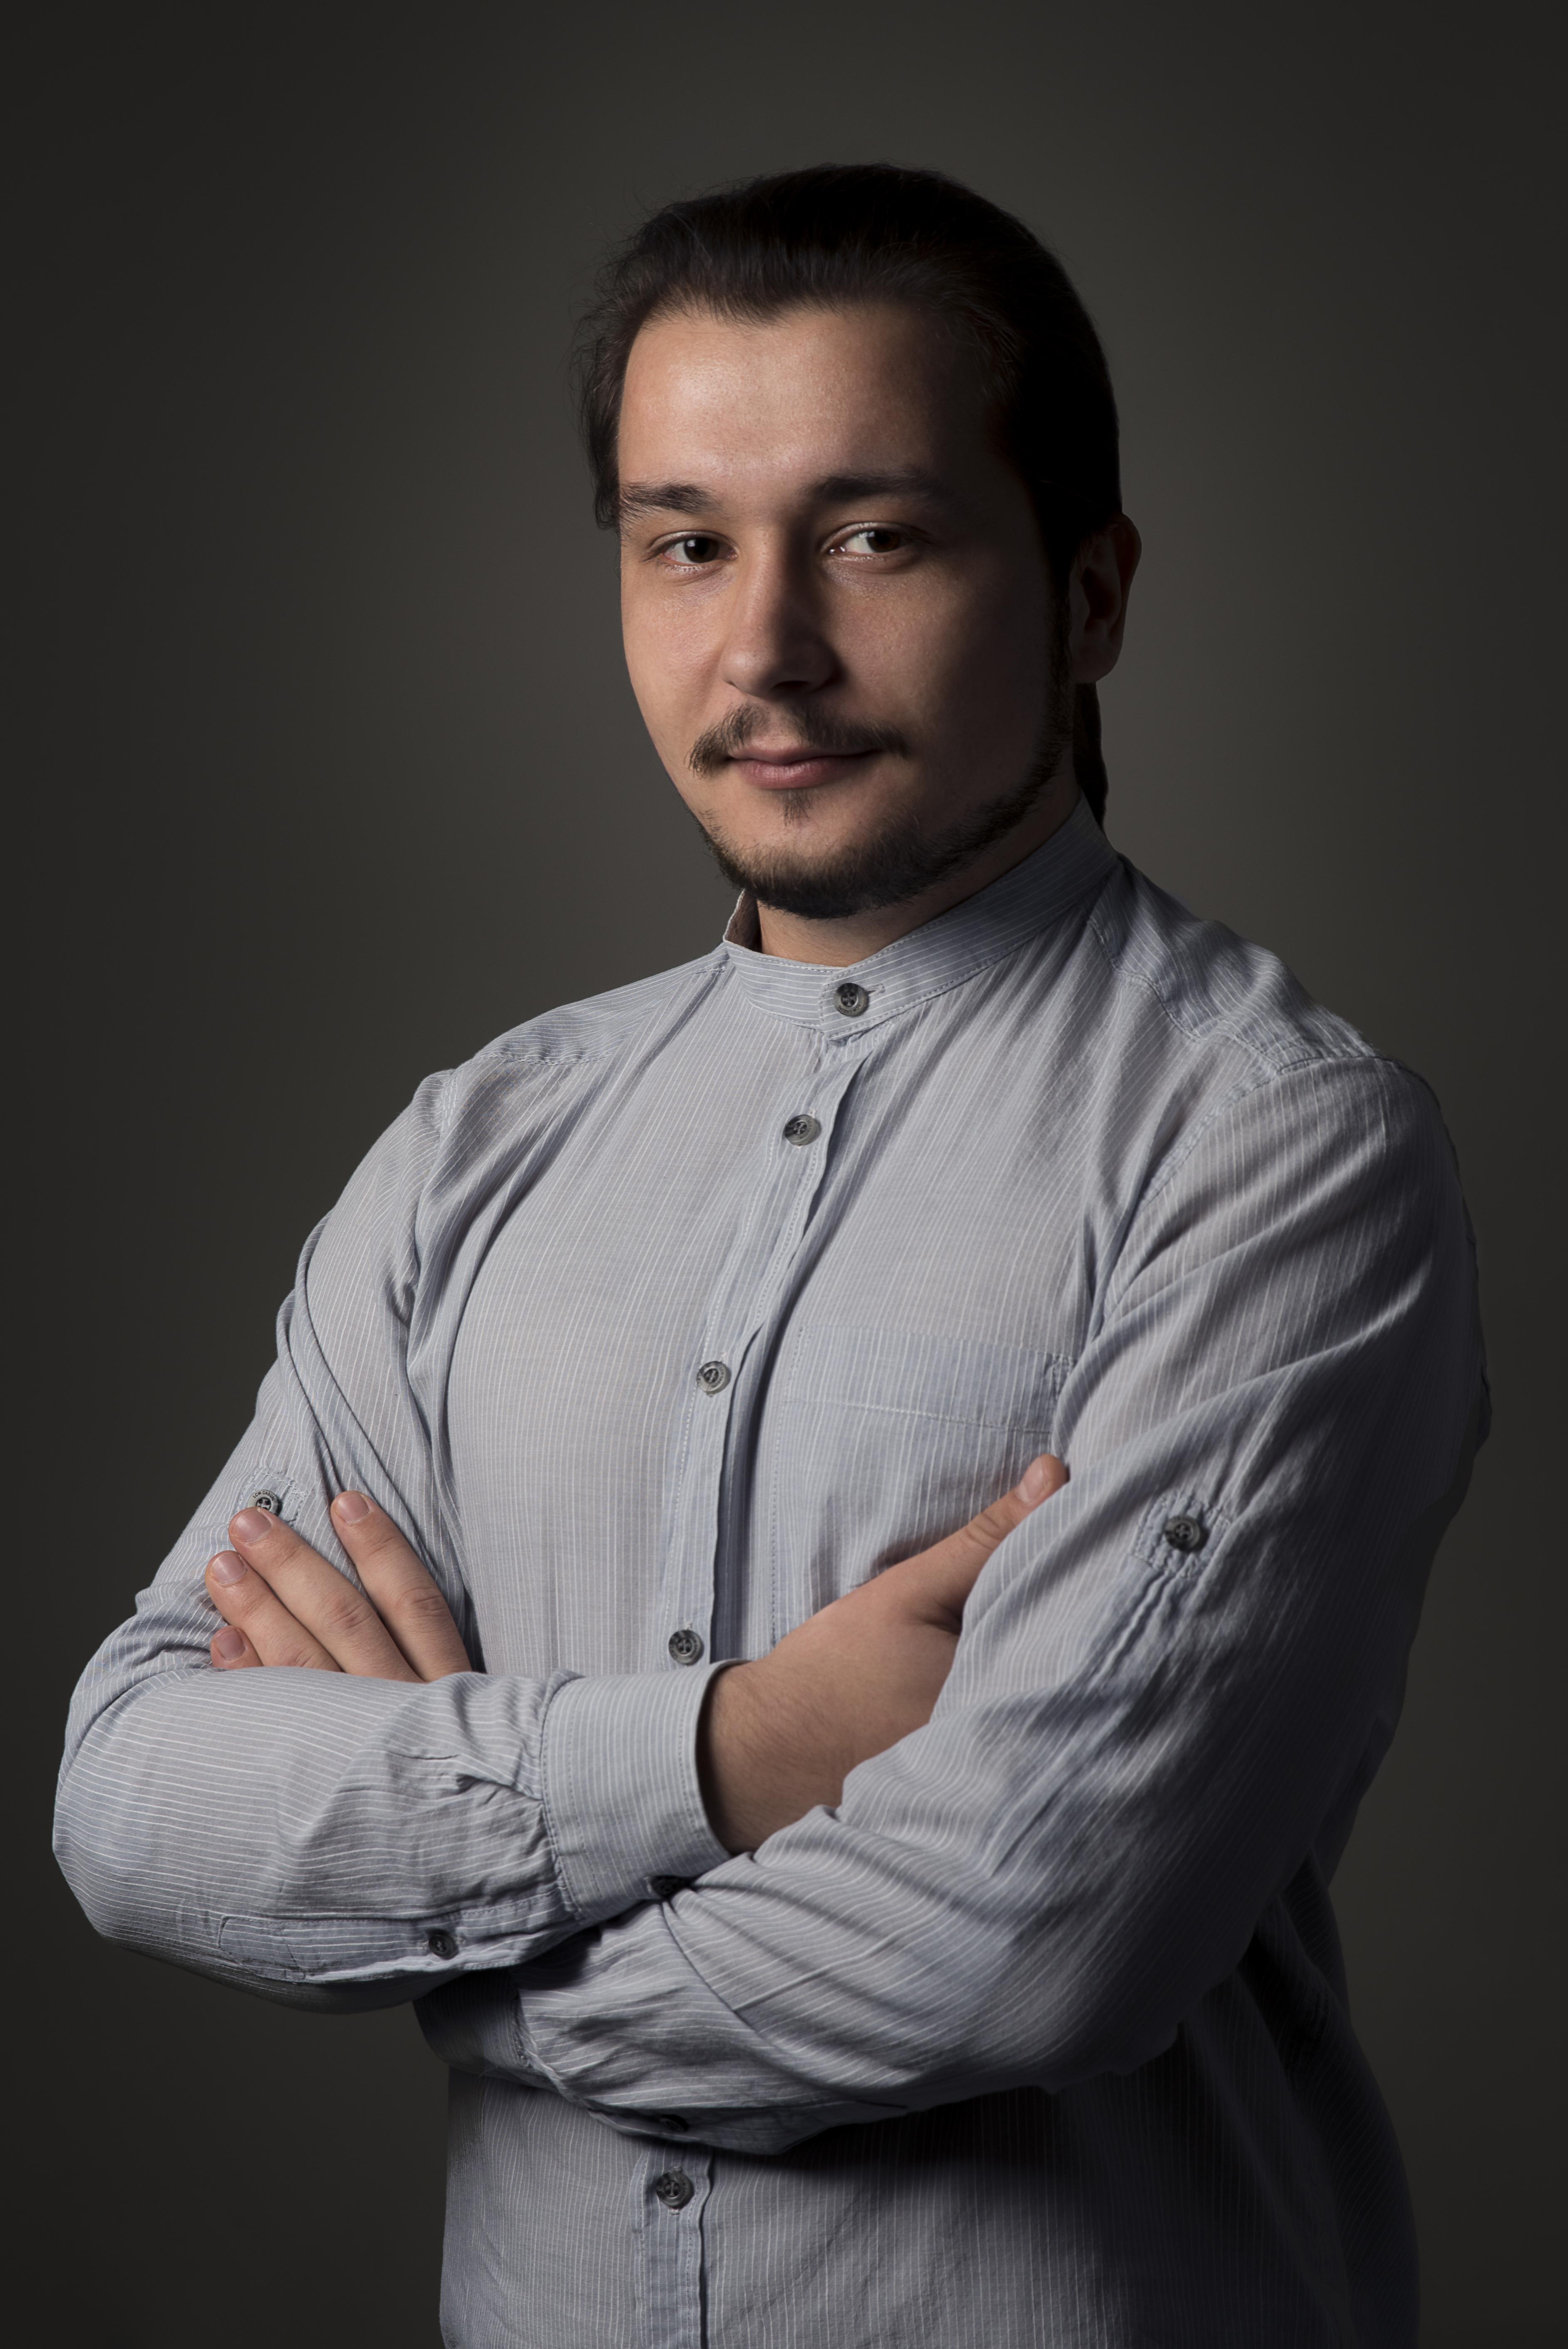 PĂRĂUȘANU ANDREI MARIUS